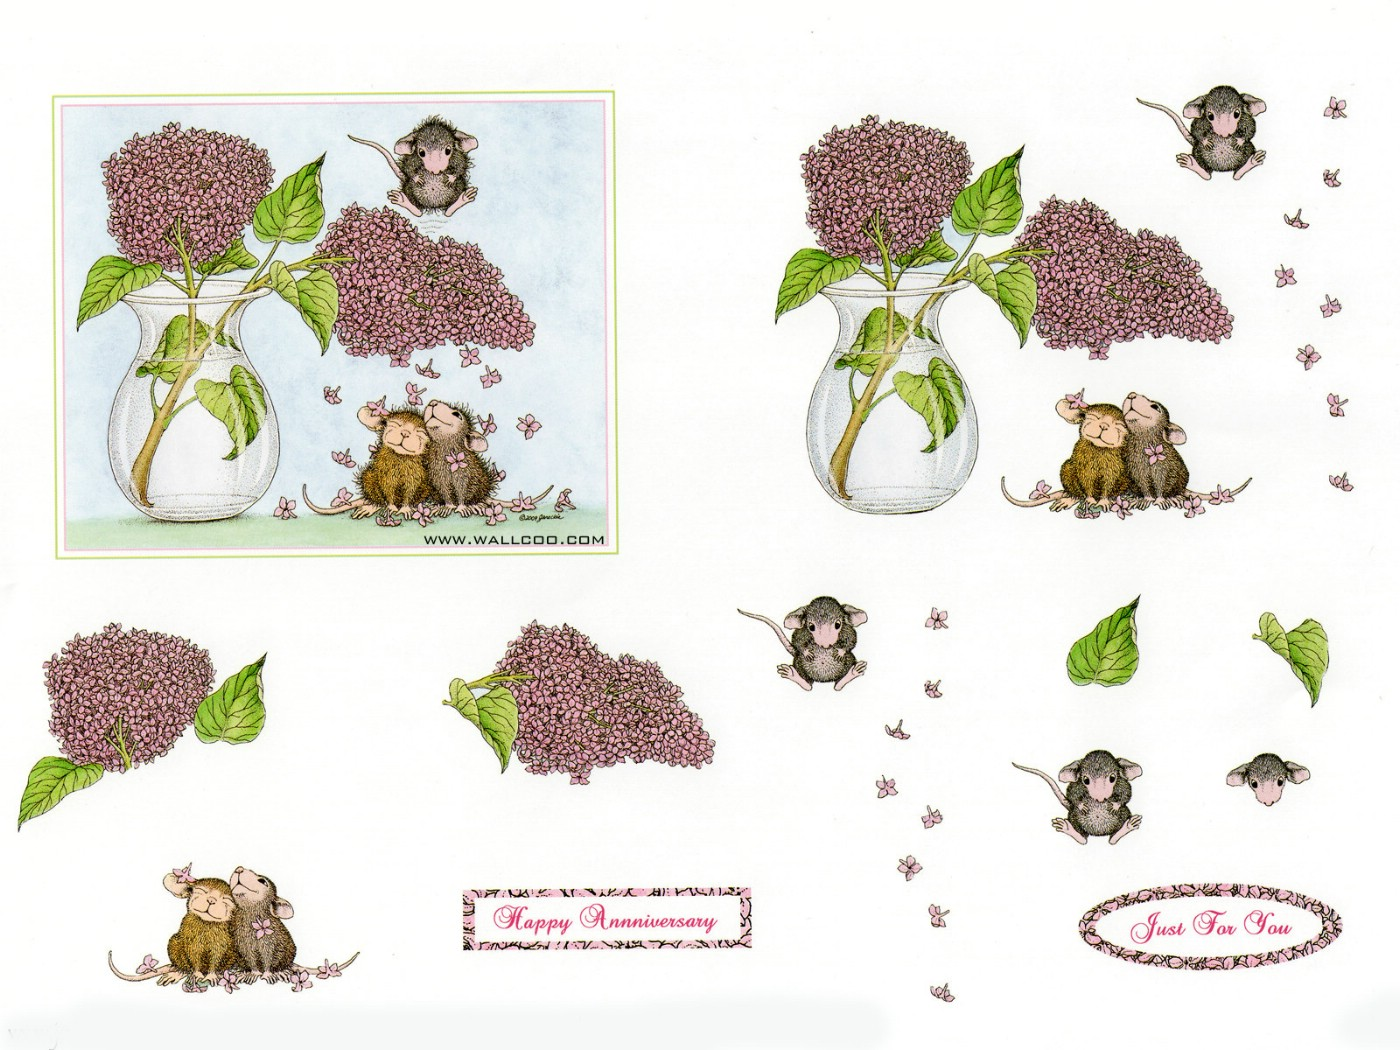 壁纸1400×1050Confeti 可爱小老鼠插画原画壁纸 鼠鼠一家温馨小老鼠插画壁纸壁纸图片绘画壁纸绘画图片素材桌面壁纸